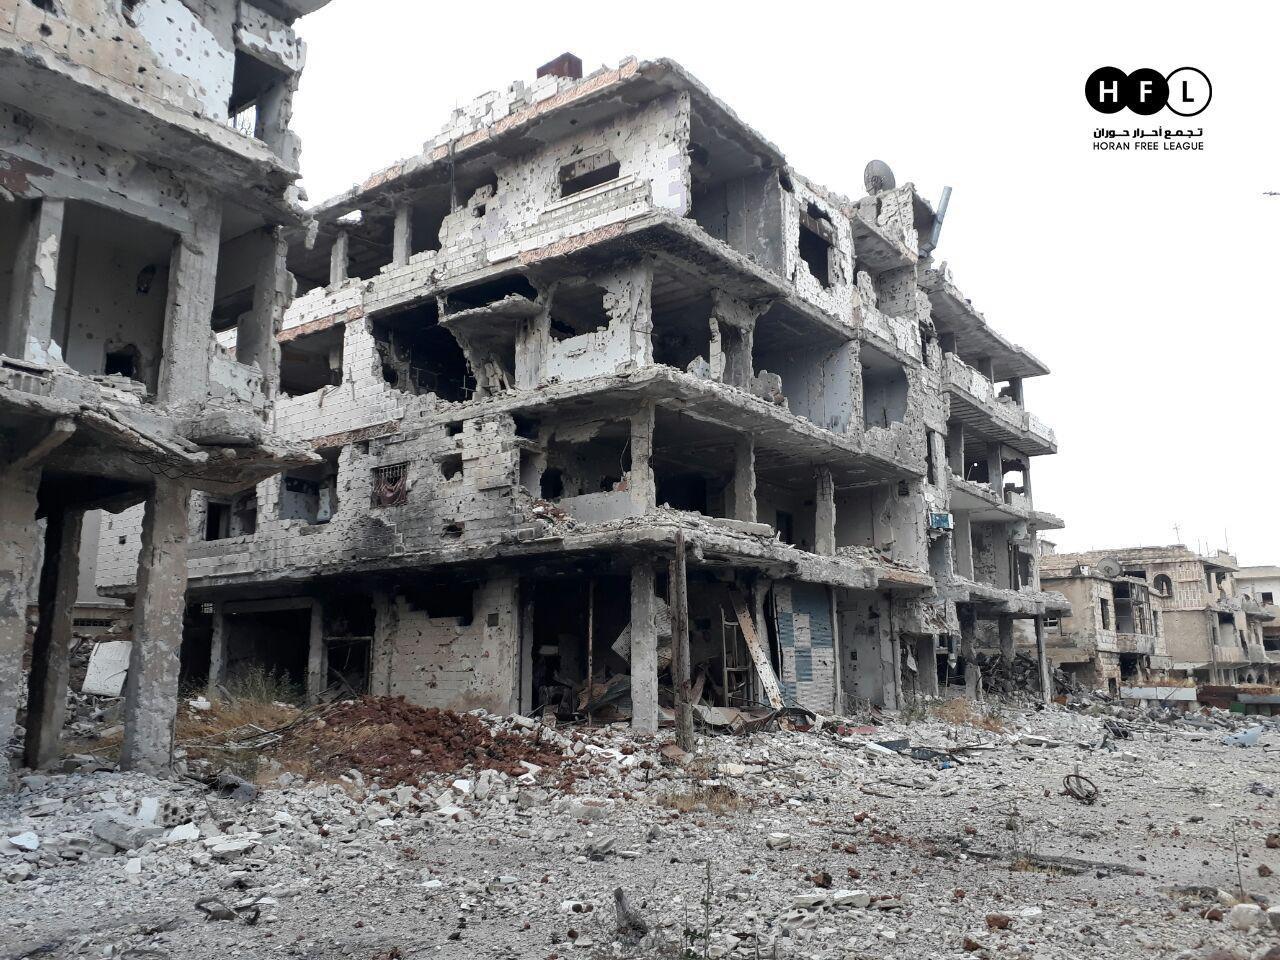 صورة الأسد يخرق الاتفاق الدولي ويهاجم درعا